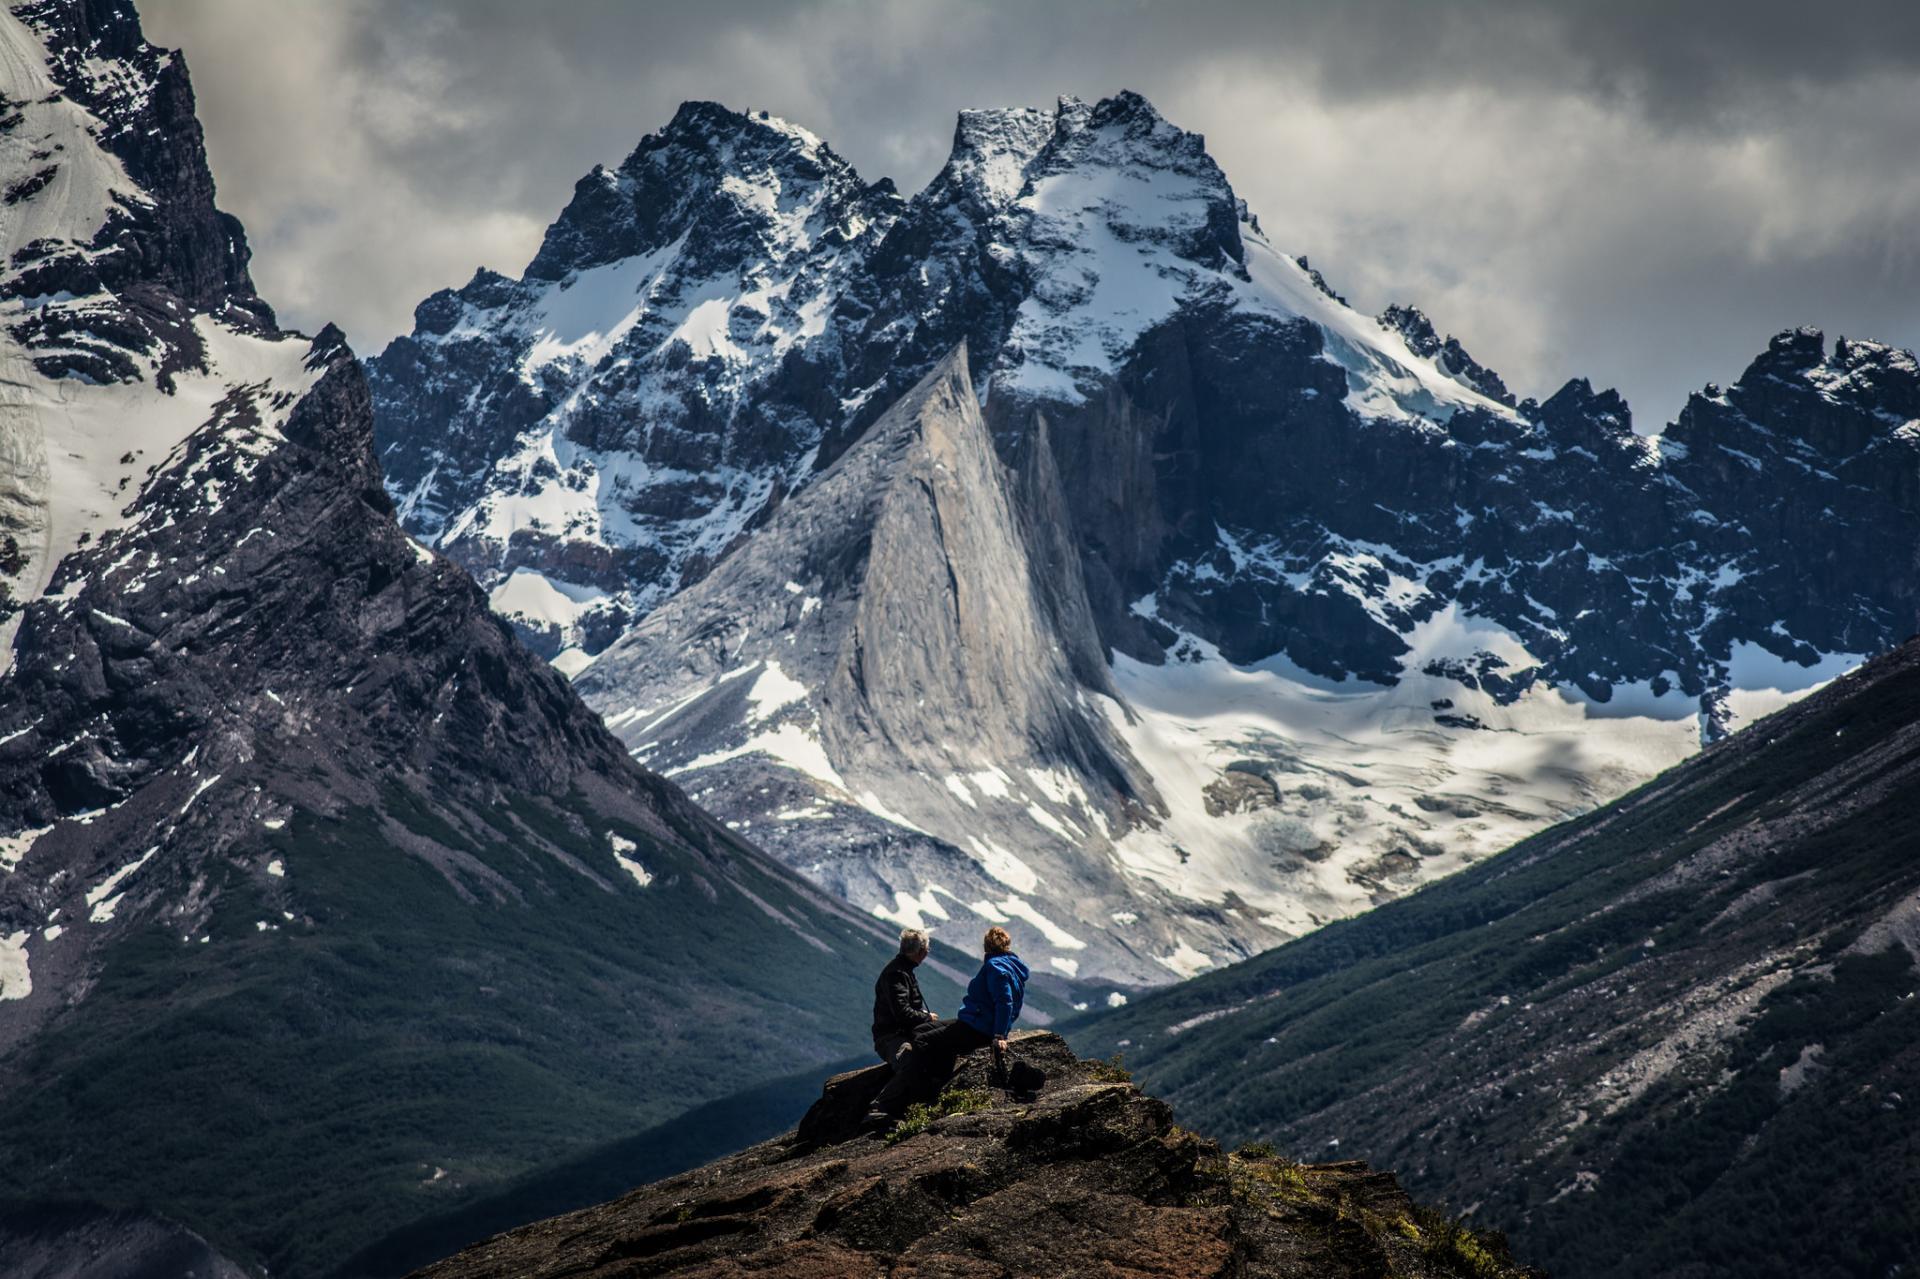 Erleben Sie eine Rundreise durch Chile und entdecken Sie den Torres del Paine Nationalpark